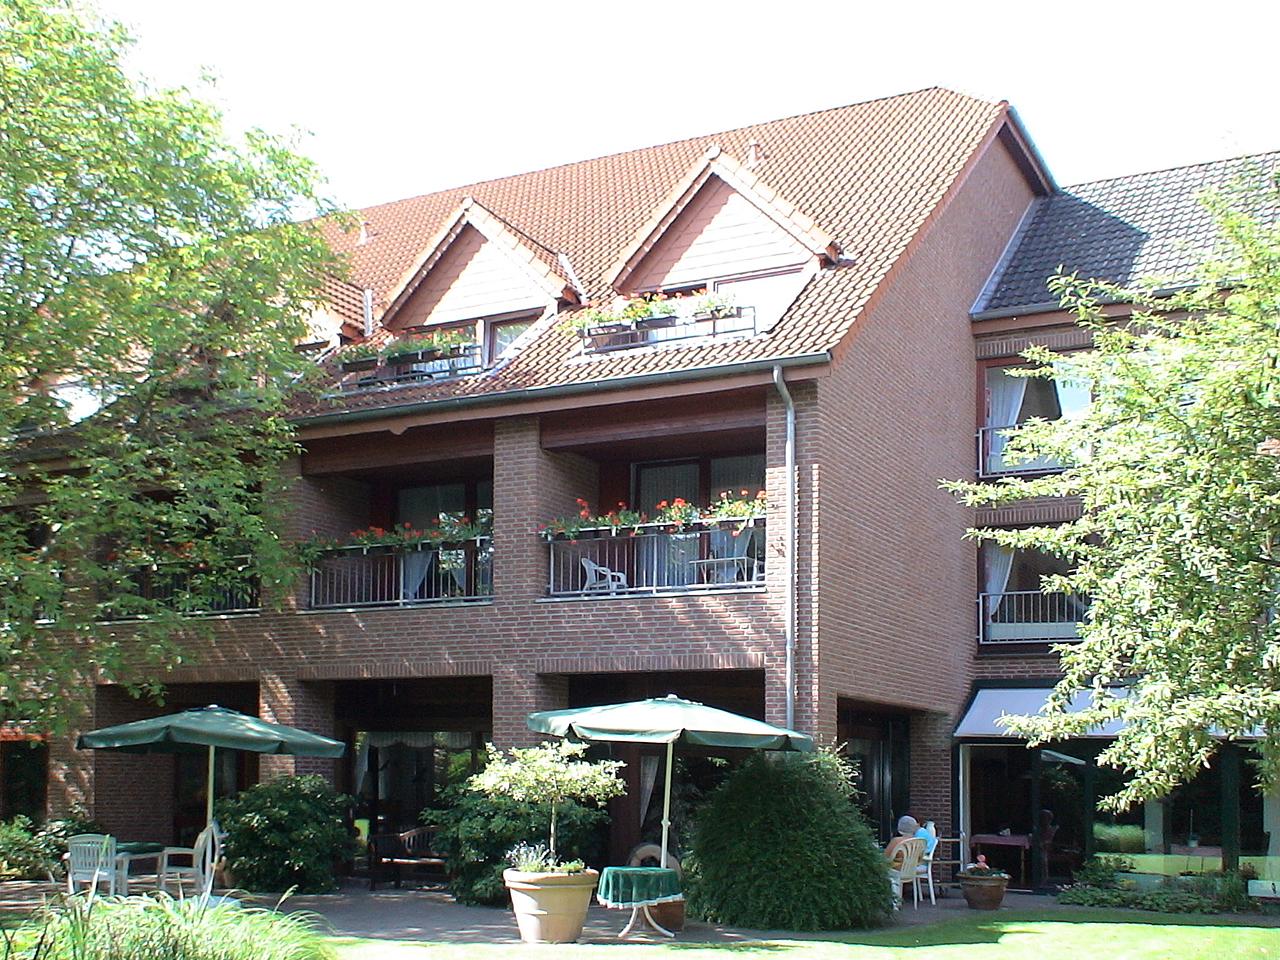 Seniorenpflegeheim Lindenriek Burgwedel